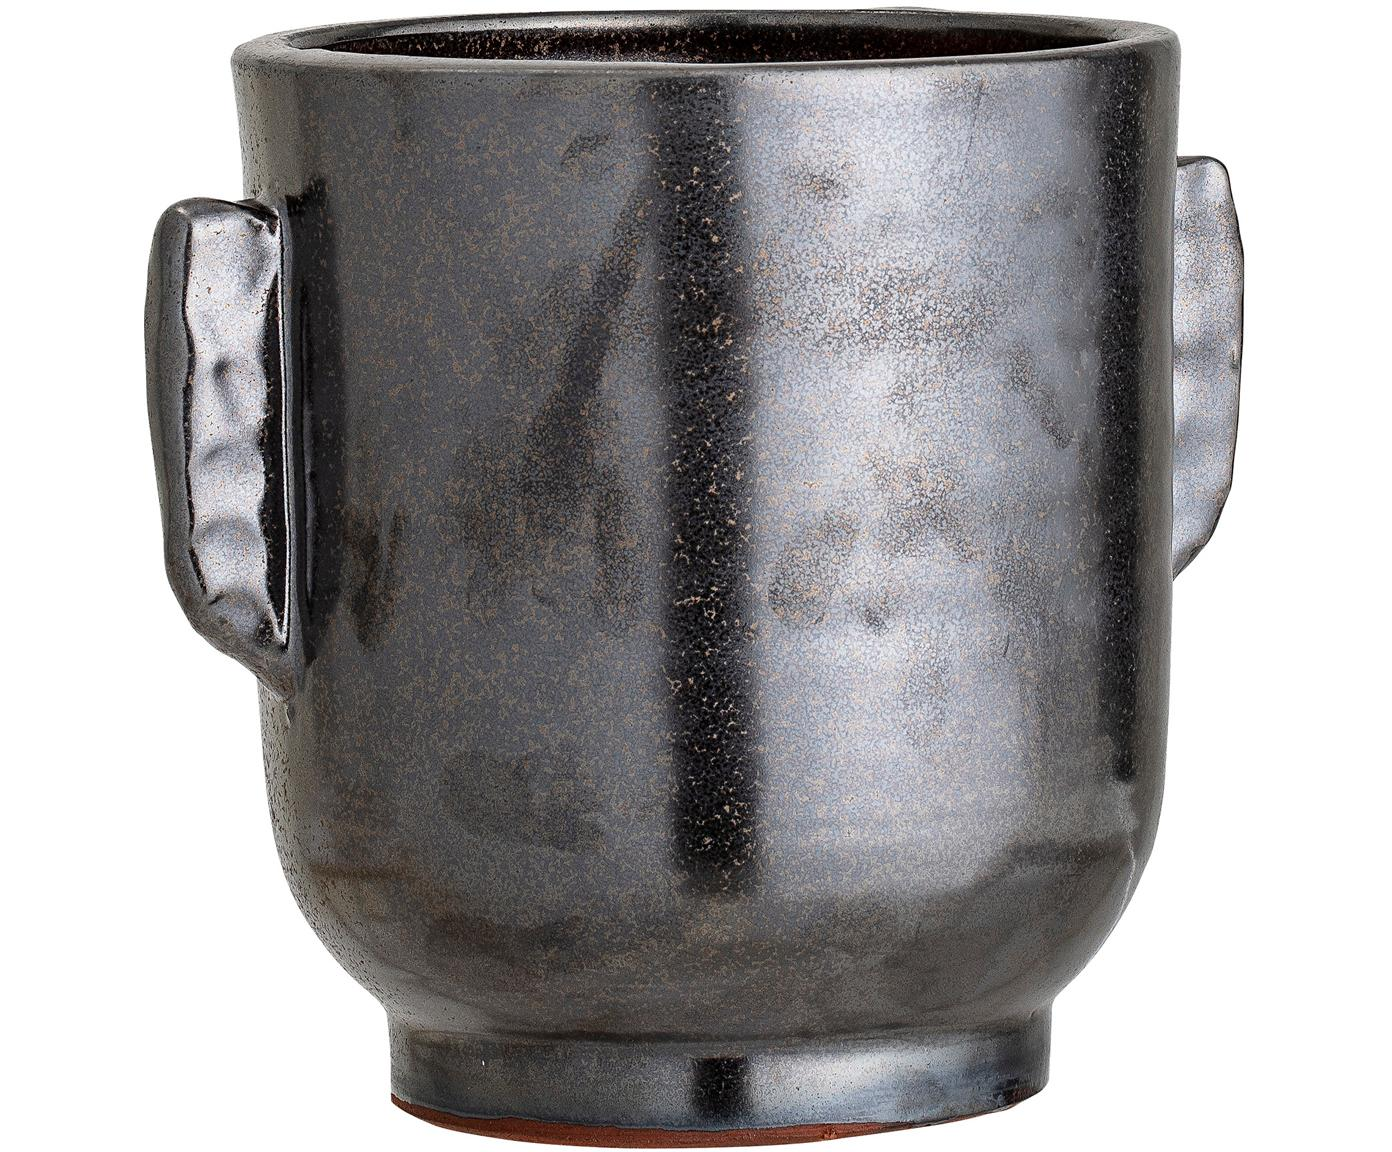 Handgefertigter Übertopf Misa aus Terrakotta, Terracotta, Schwarz, Ø 18 x H 20 cm